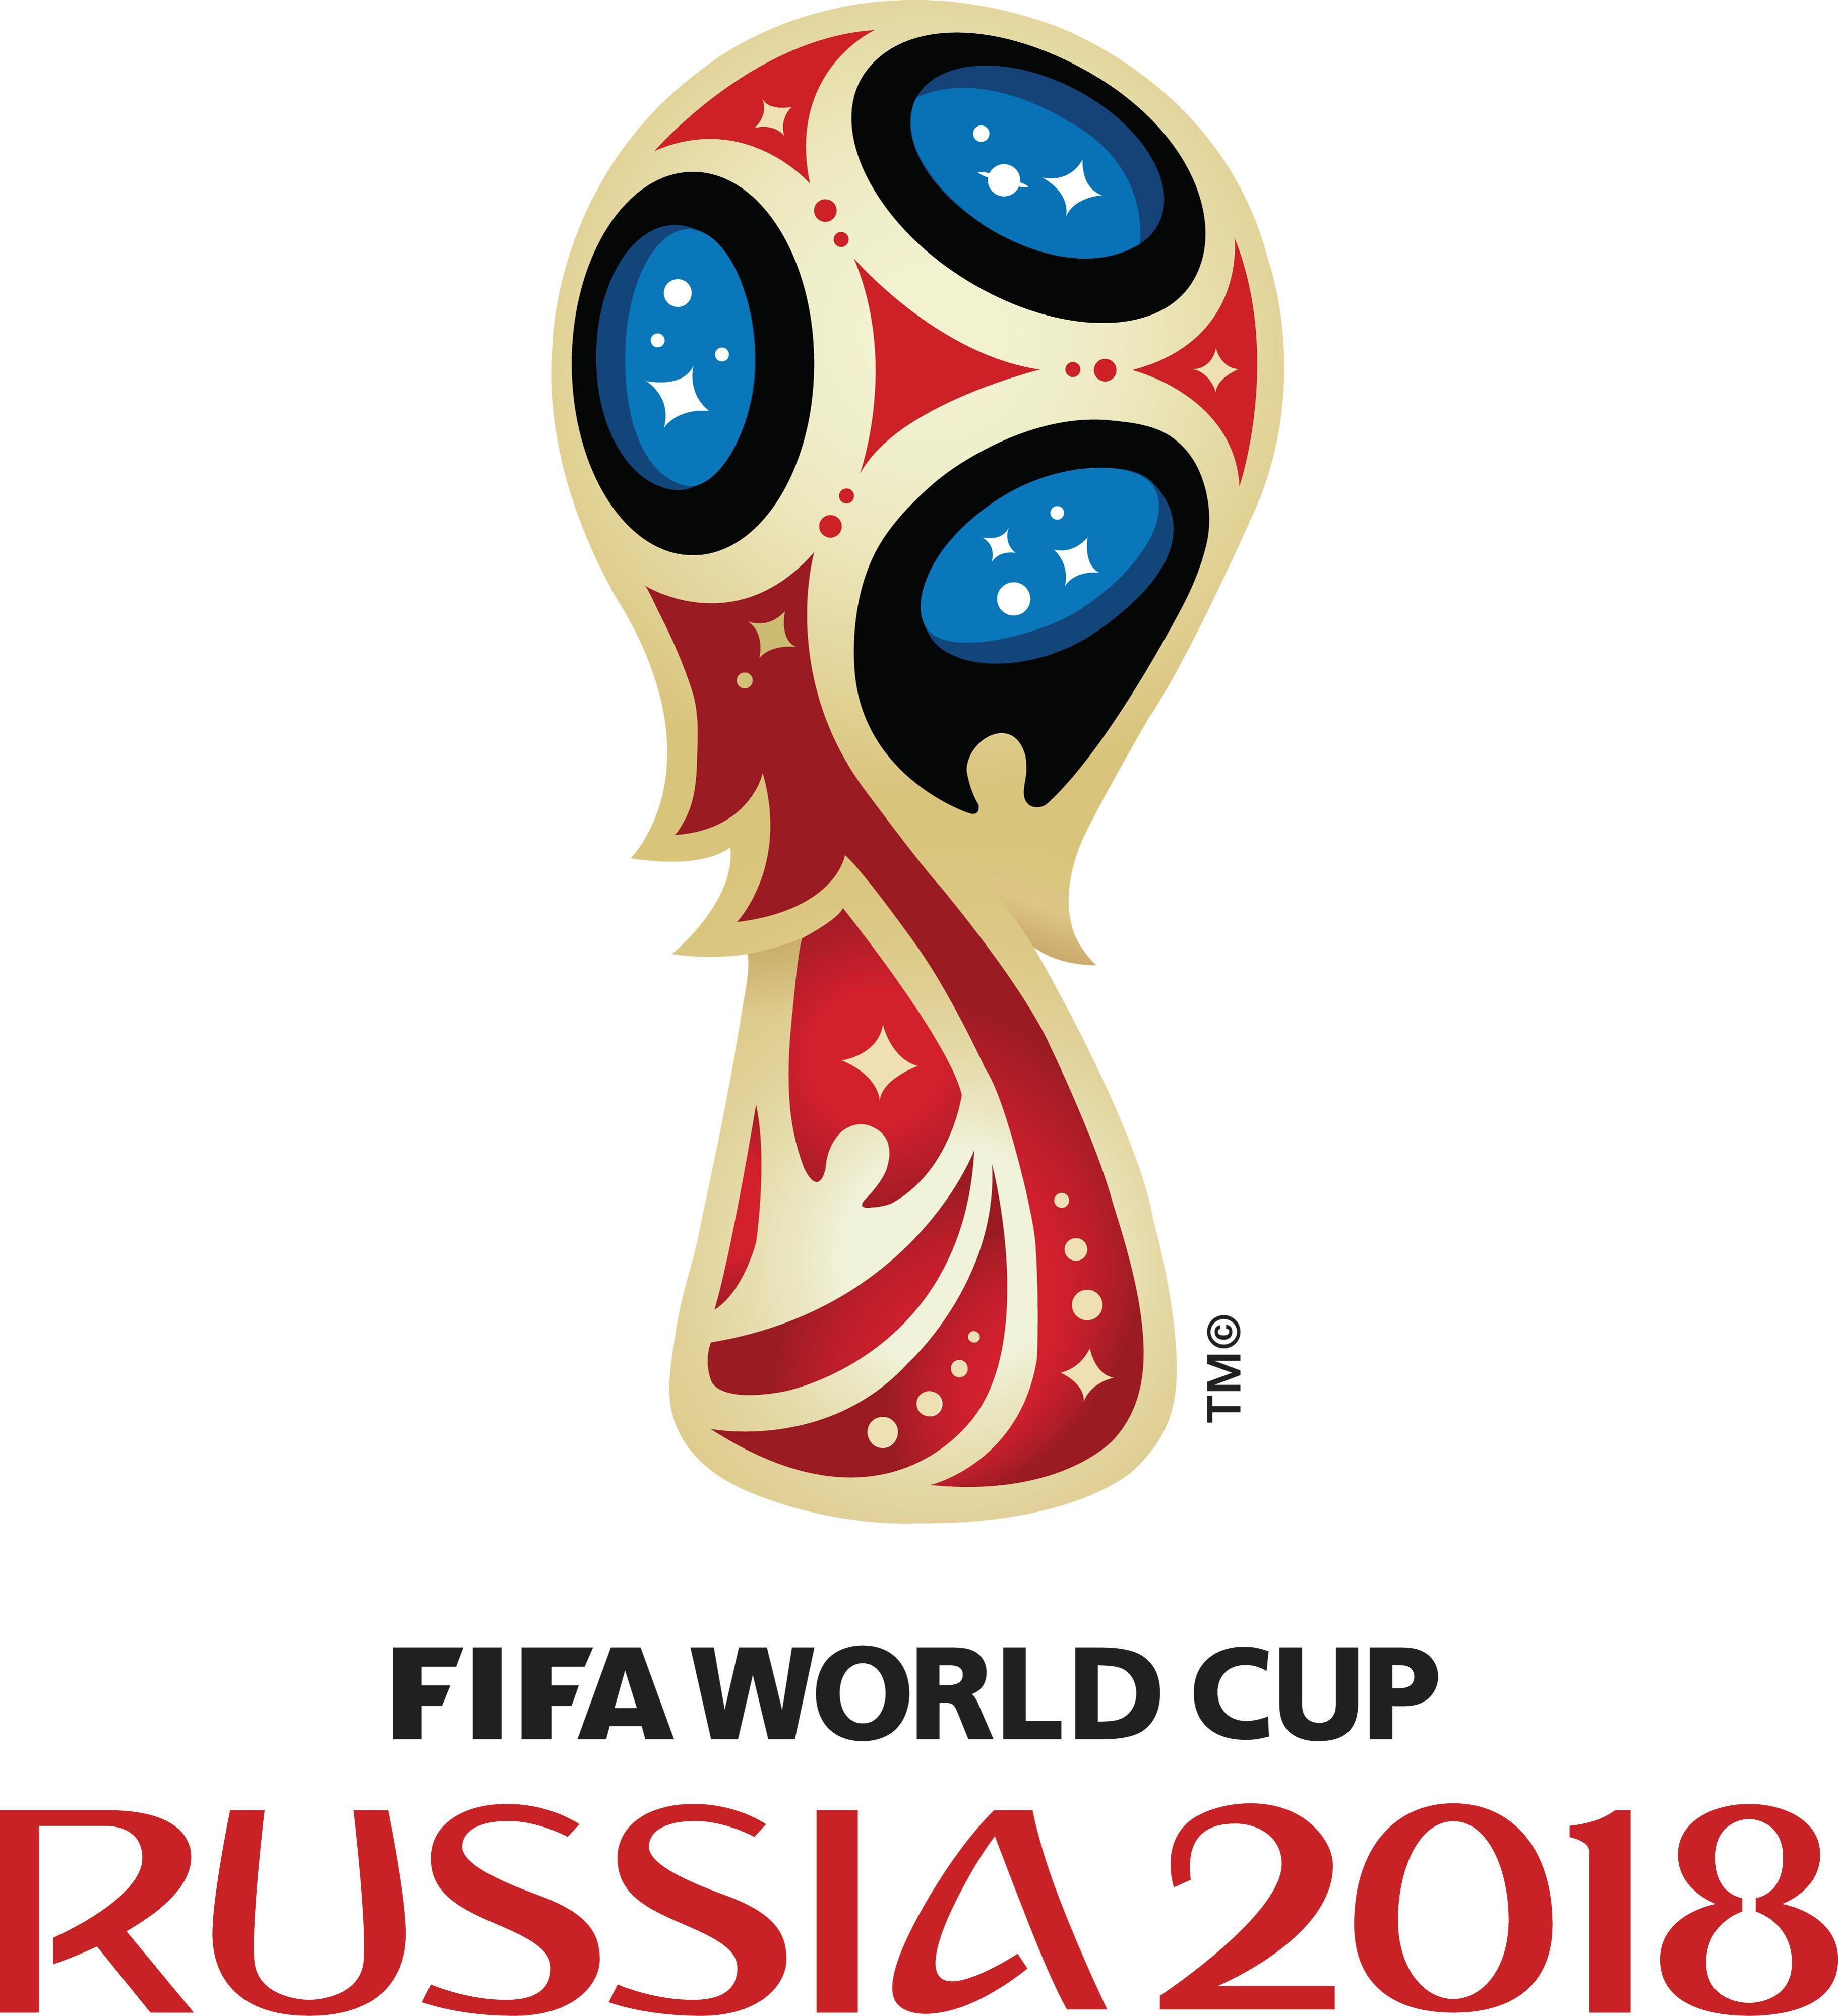 2018年俄罗斯世界杯(体育赛事) - 搜狗百科